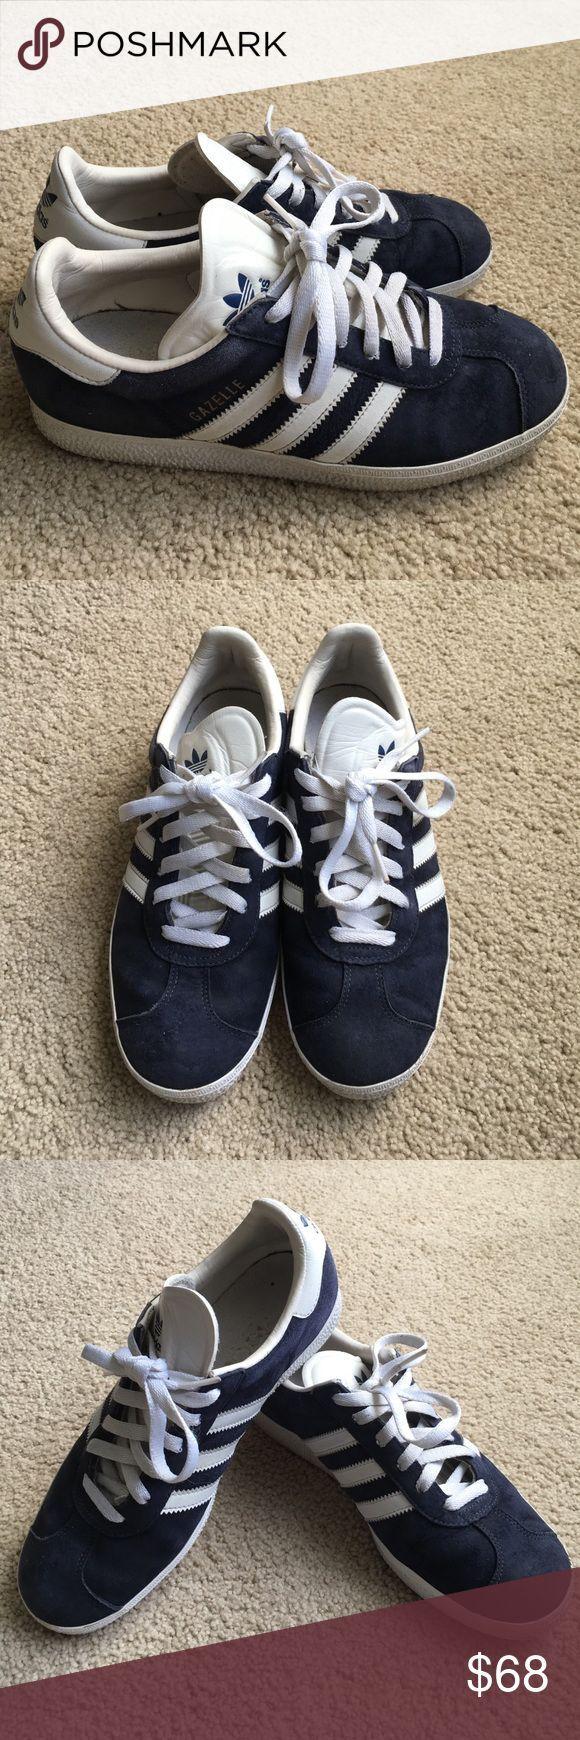 adidas gazelle black gum leaf adidas stan smith primeknit size guide